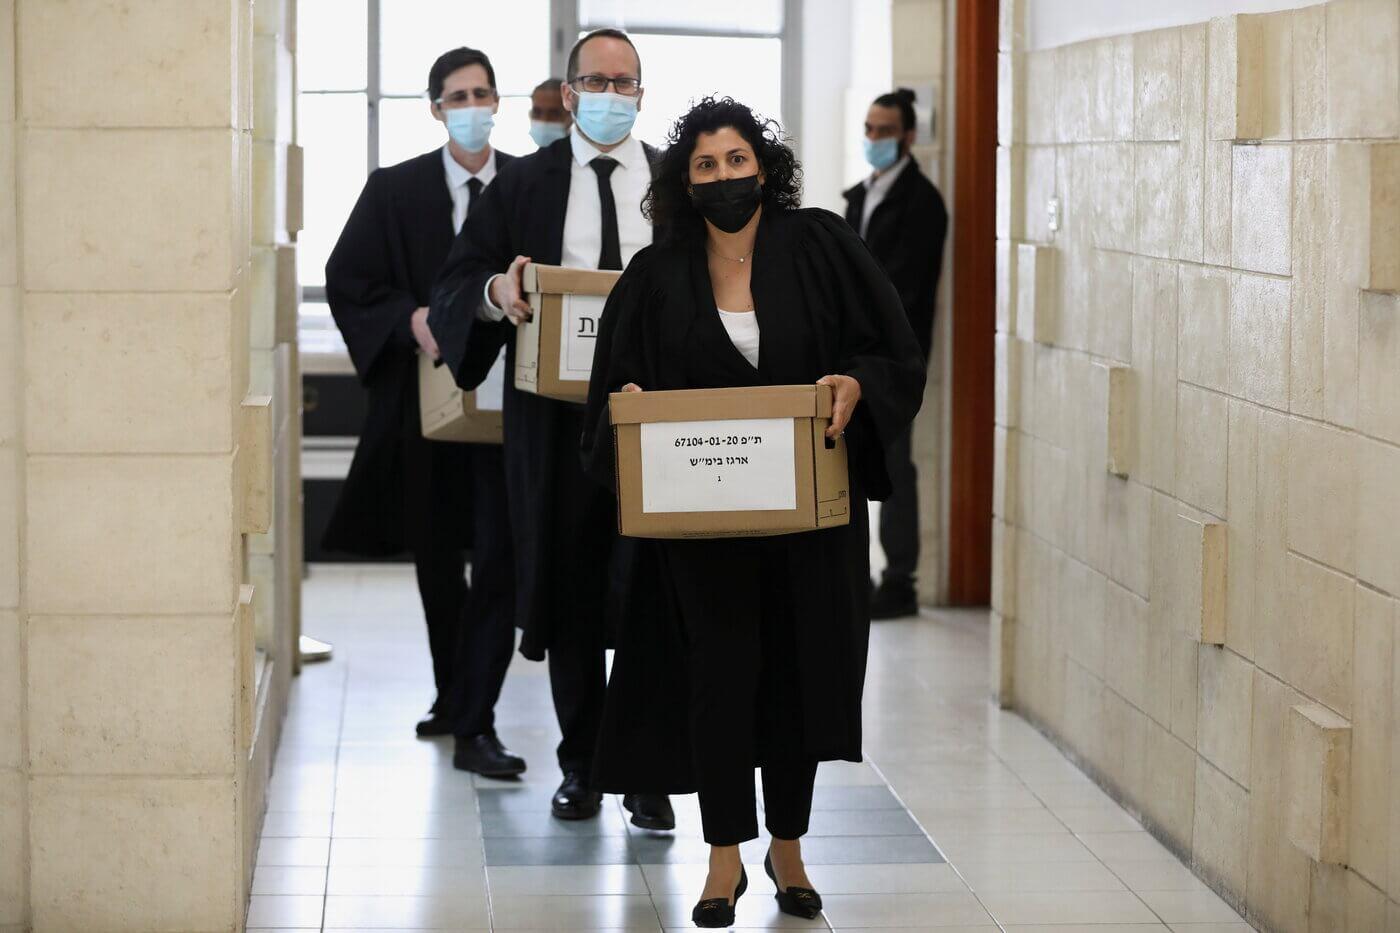 עורכי דין מהפרקליטות עם חומרי התביעה במשפט נתניהו, אפריל 2021. צילום: רויטרס